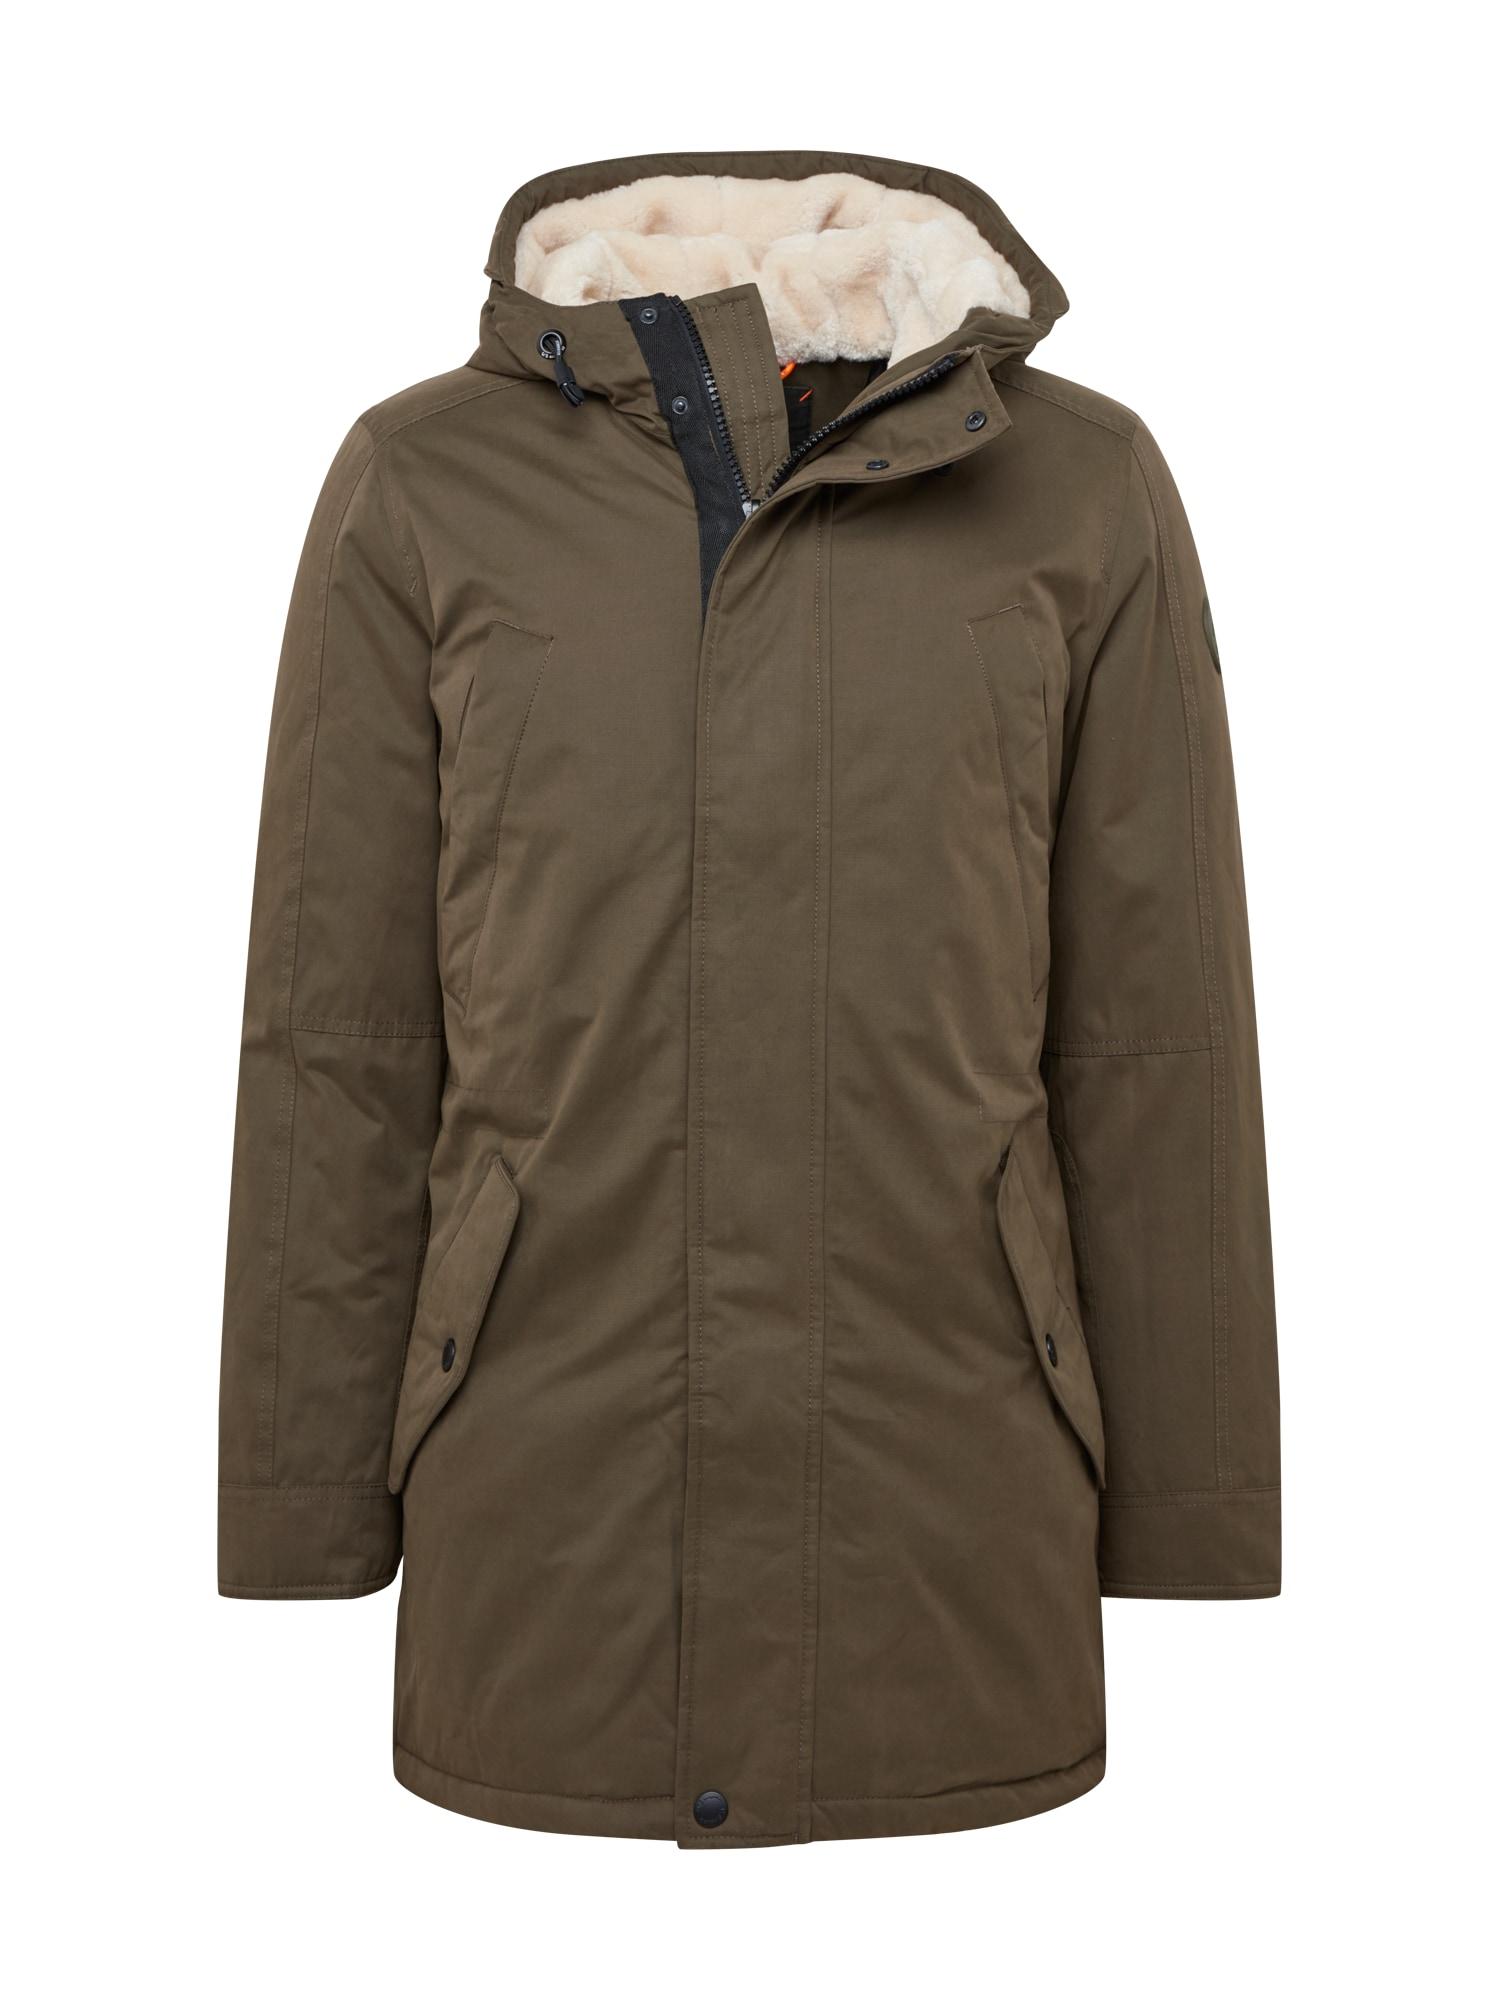 Q/S designed by Žieminis paltas rusvai žalia